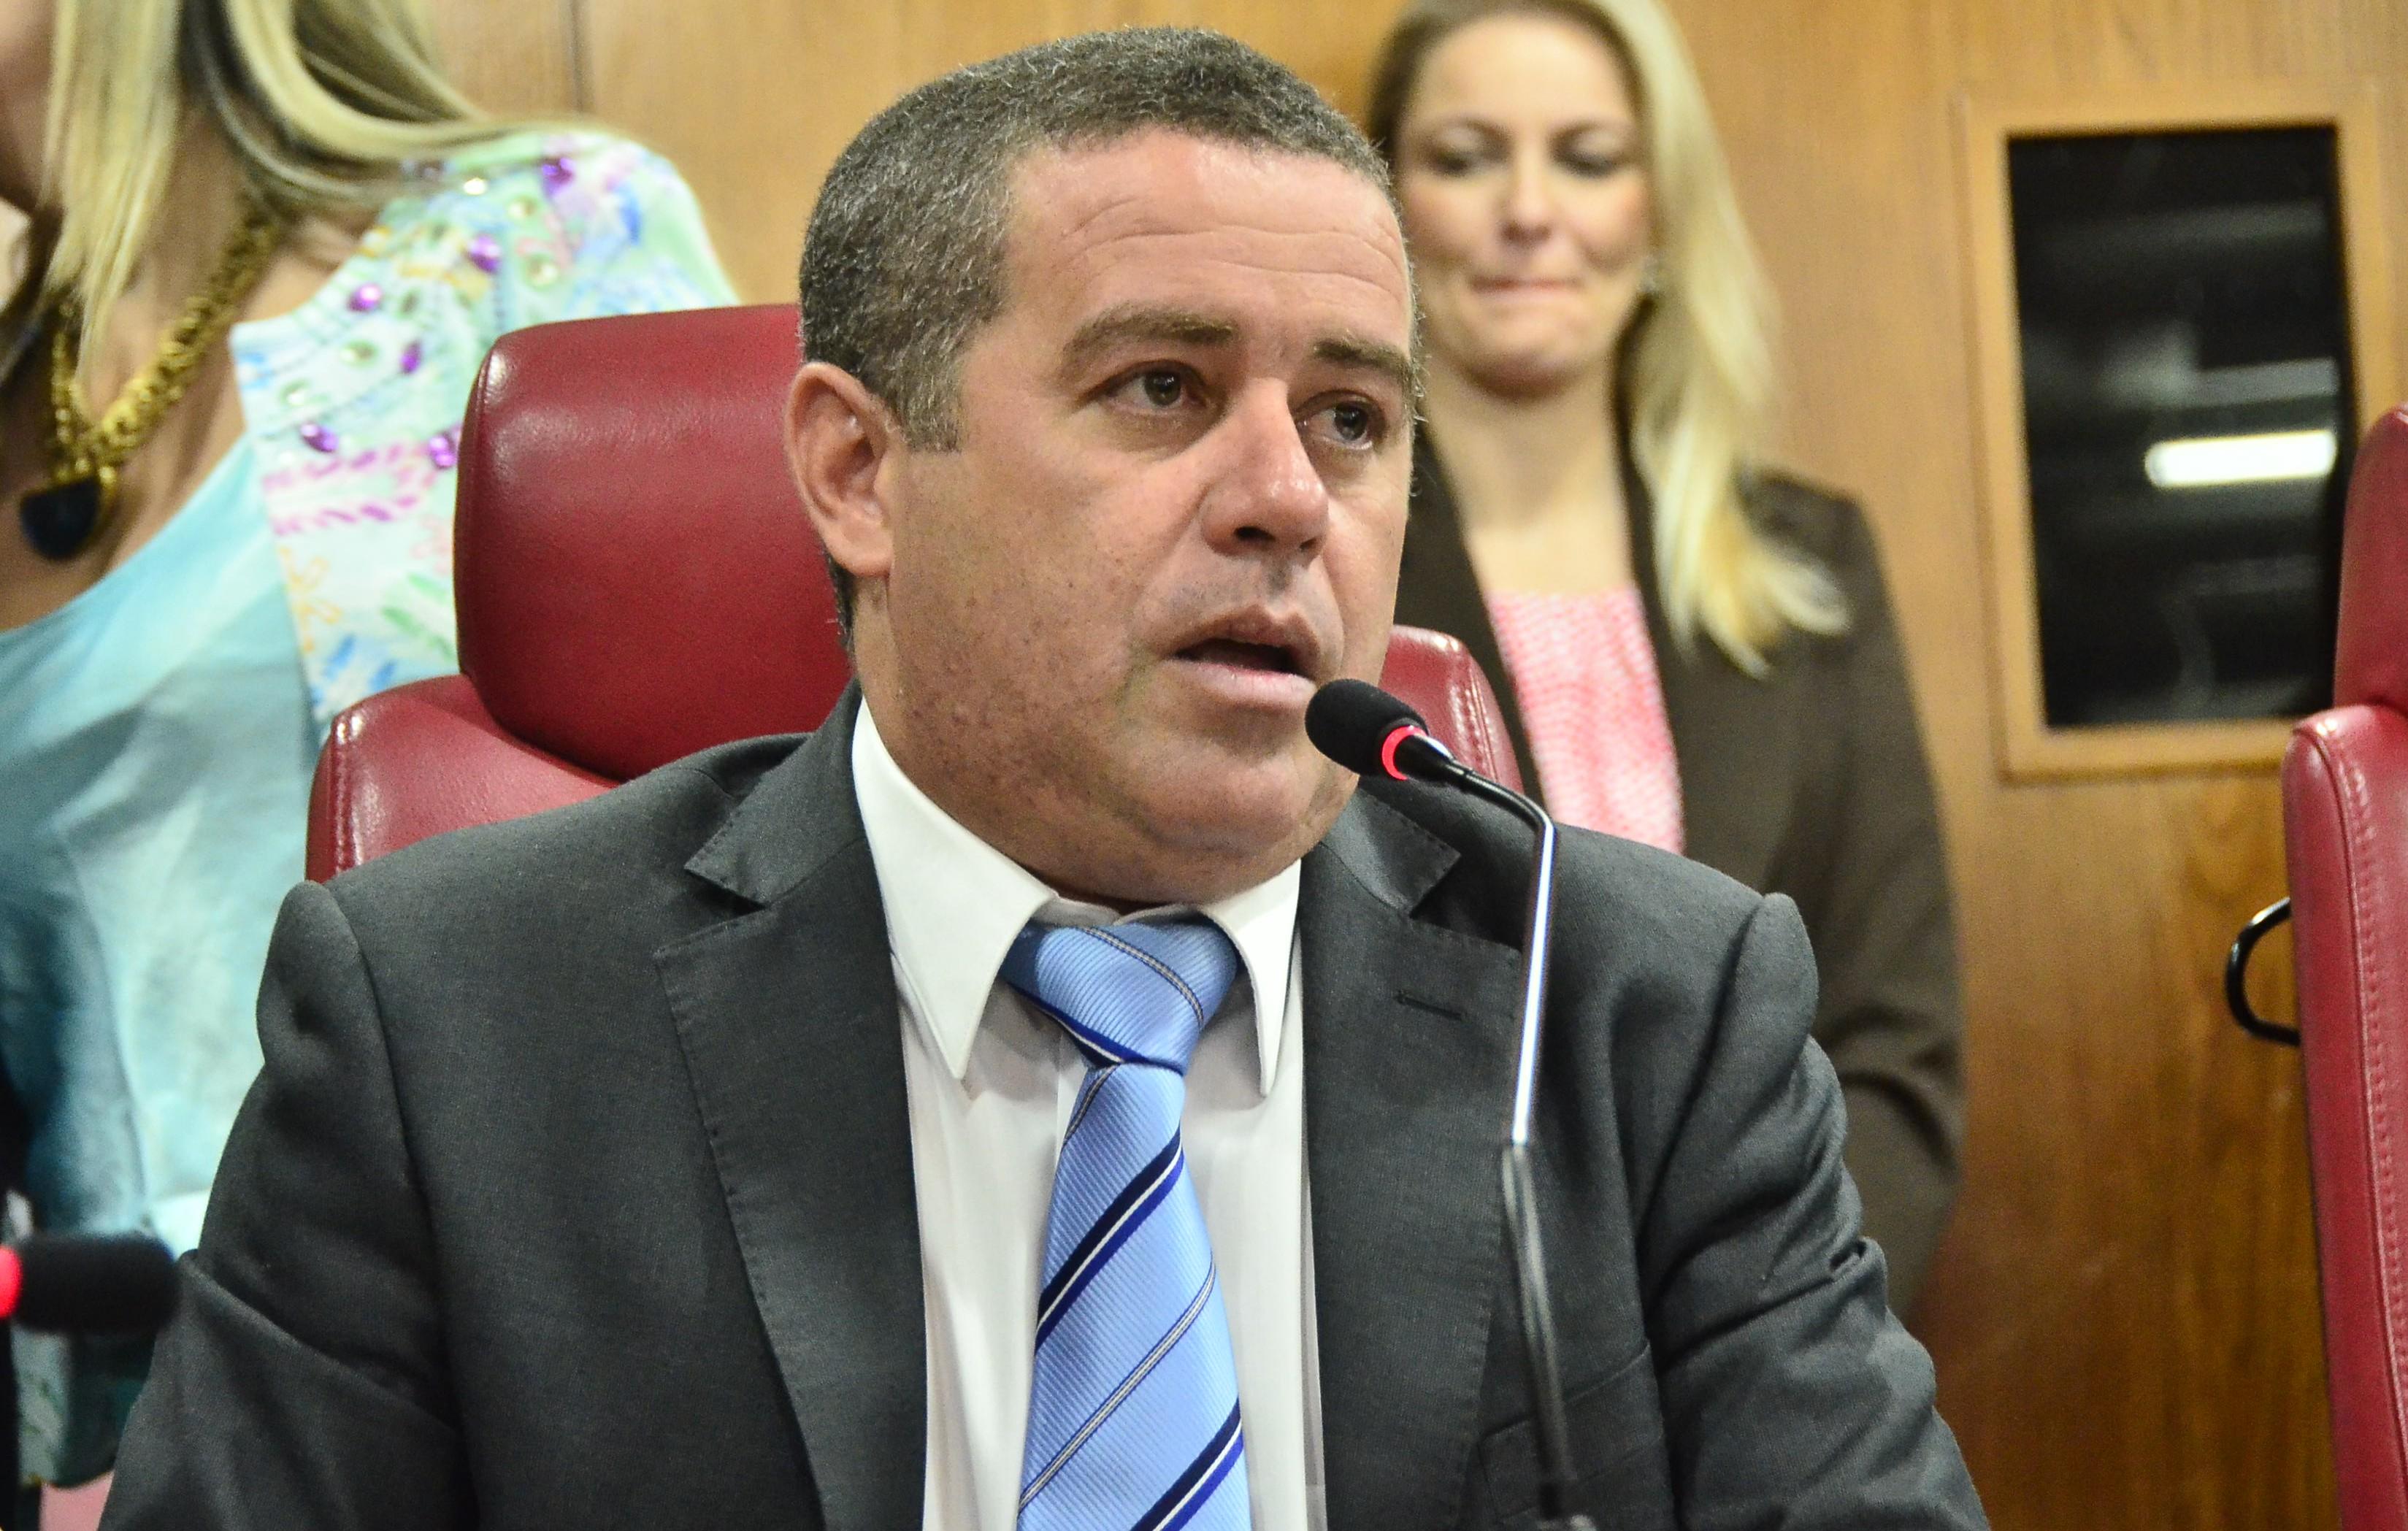 Armação? João Almeida coloca em xeque atentado contra Nilvan e alerta eleitores sobre possível armação